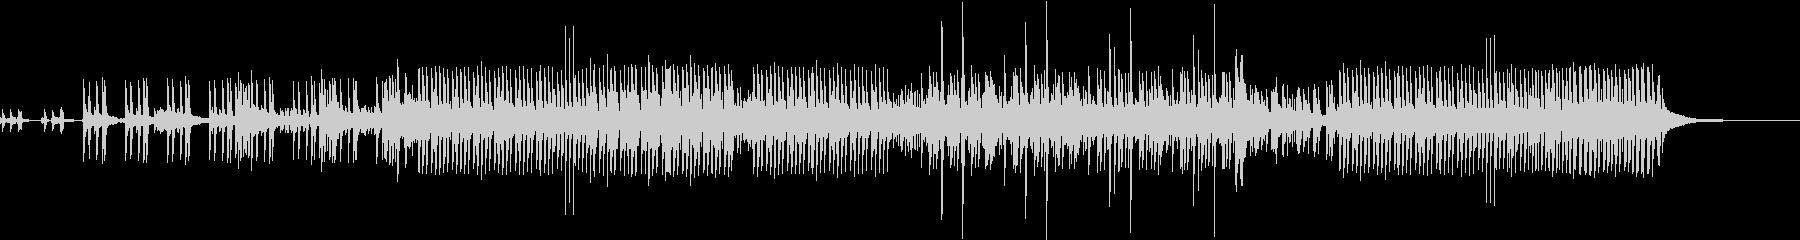 躍動感のあるドラムソロの未再生の波形